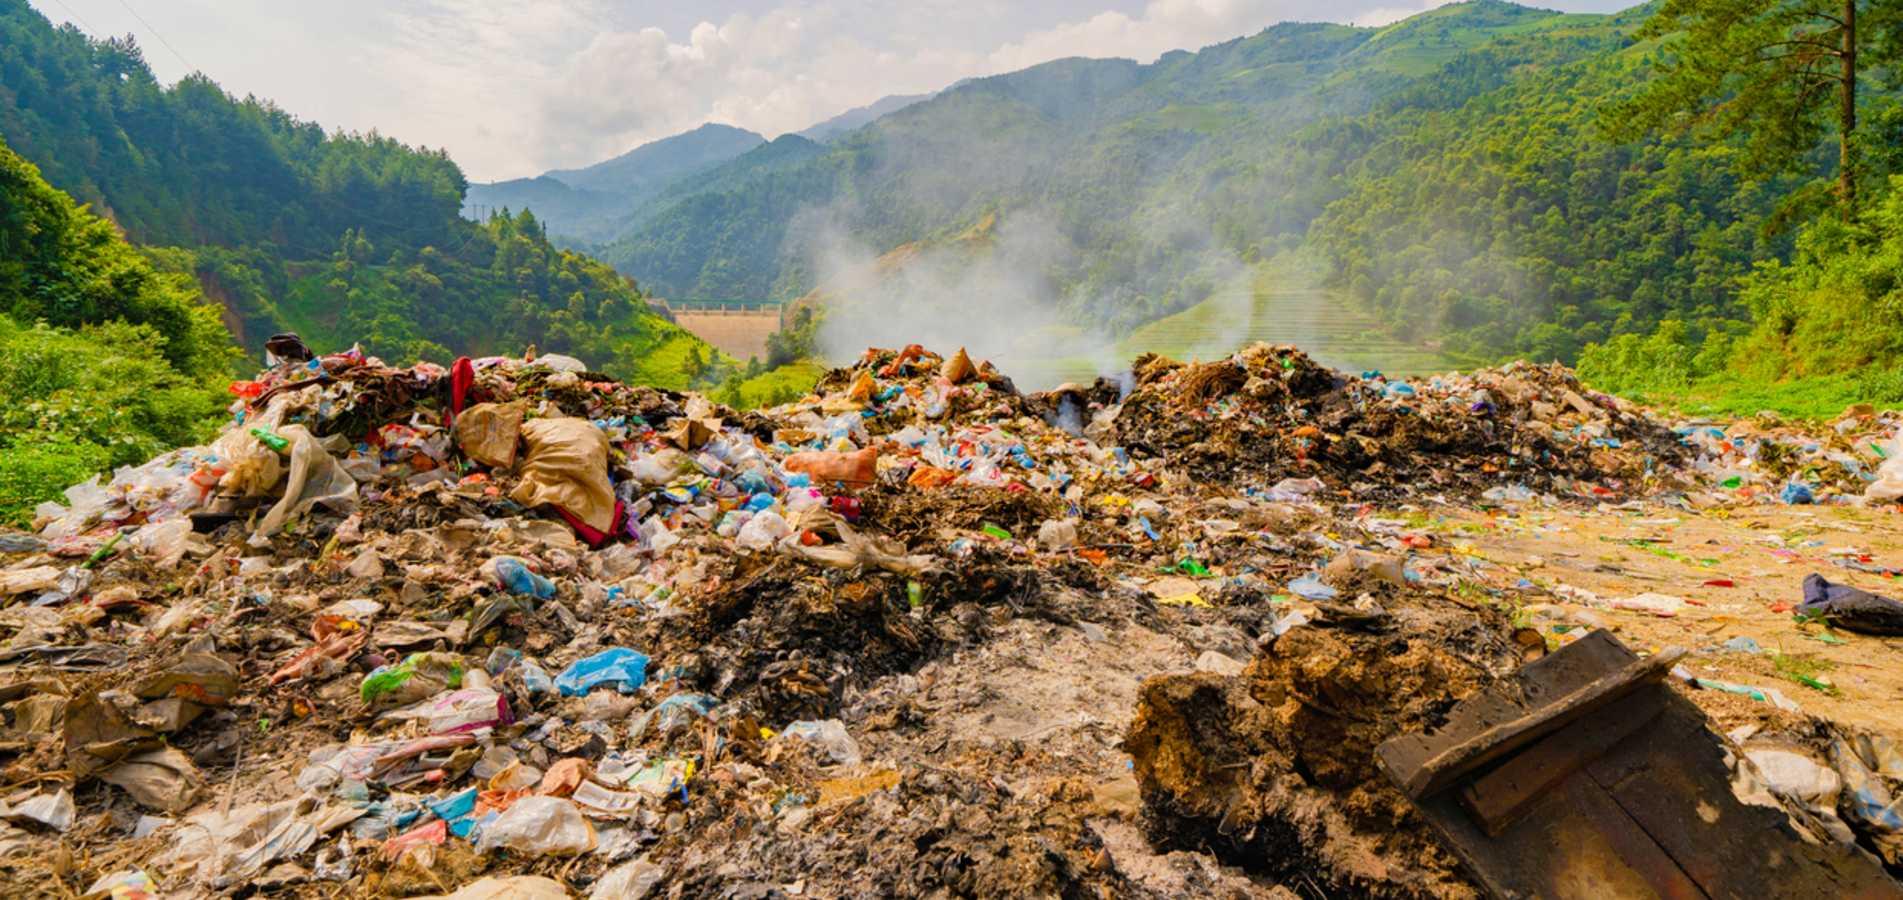 Consecuencias de que el mundo no recicle